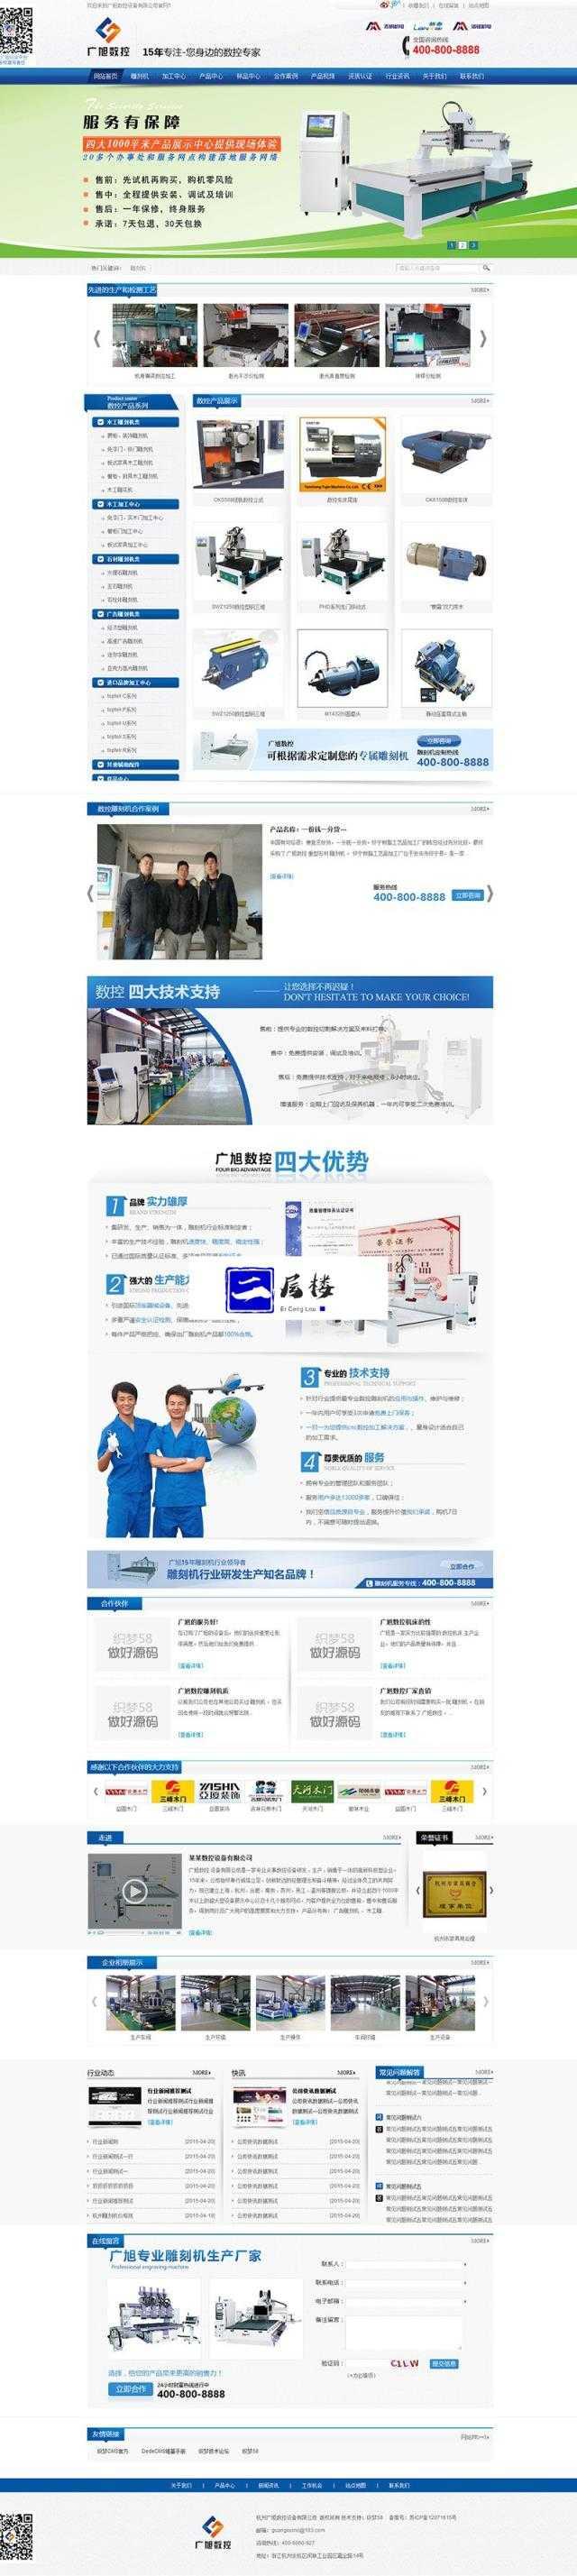 织梦蓝色数控设备类企业营销型整站模板插图